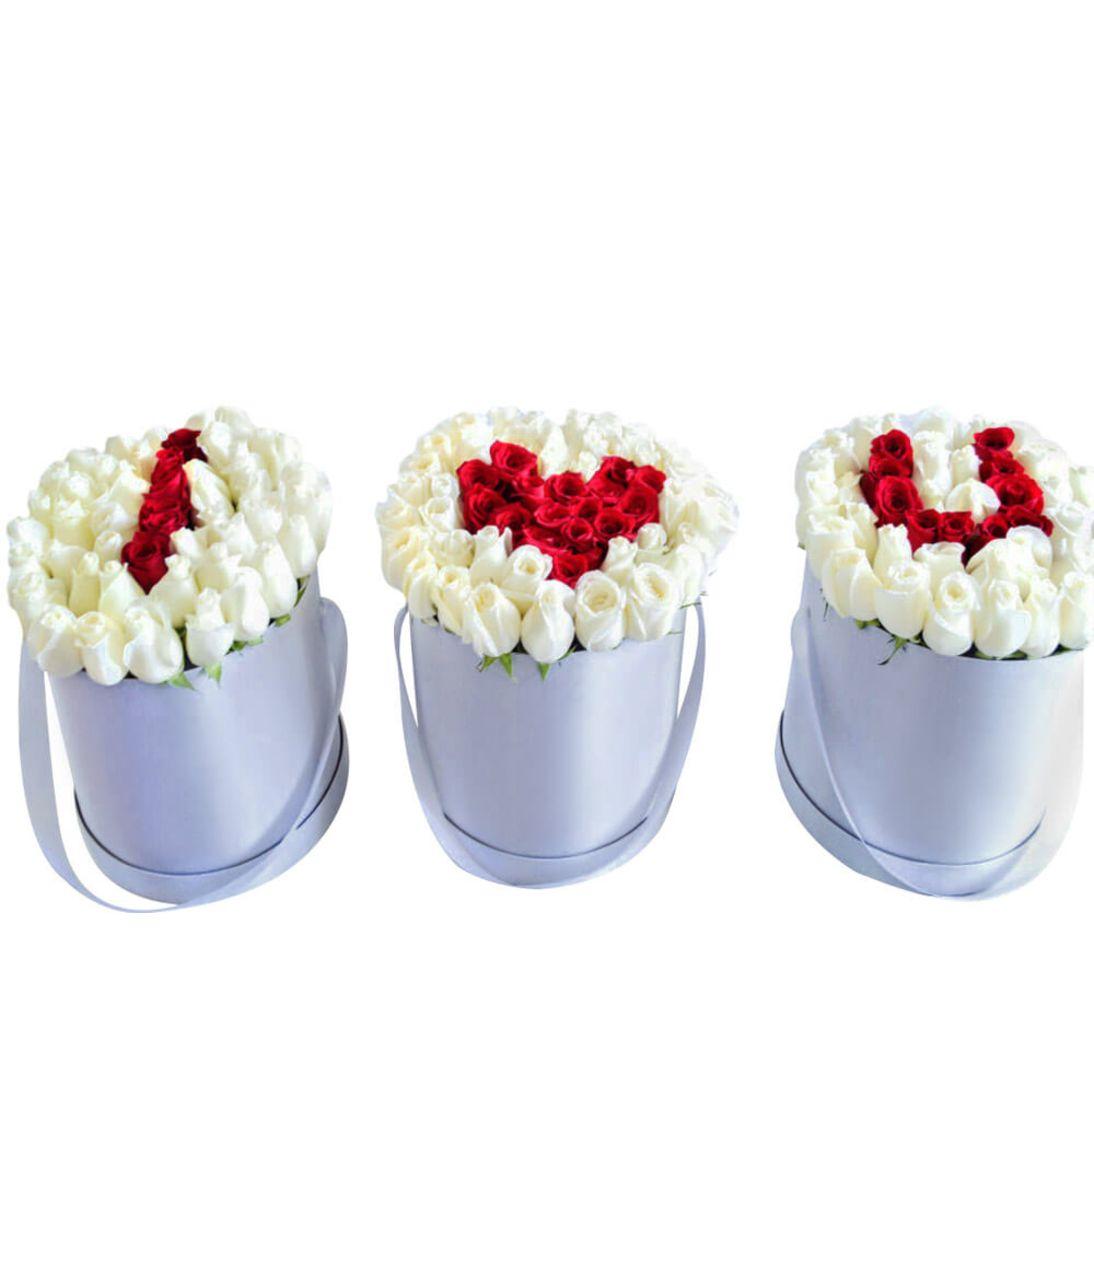 Букет 201 роза в коробке I Love You. superflowers.com.ua. 201 роза цена